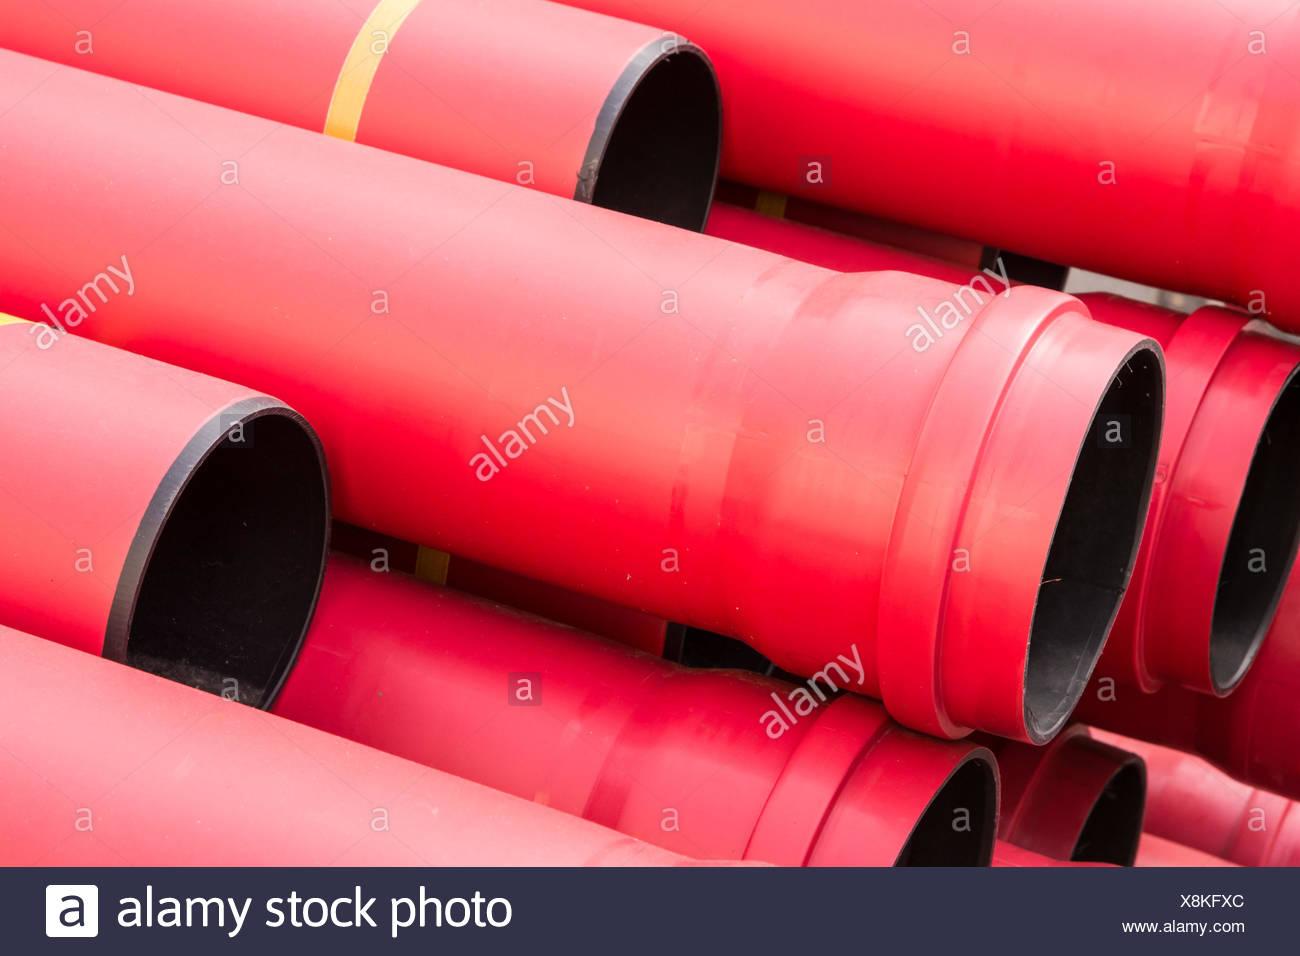 rosso tubi migliori posizioni per lorgasmo femminile